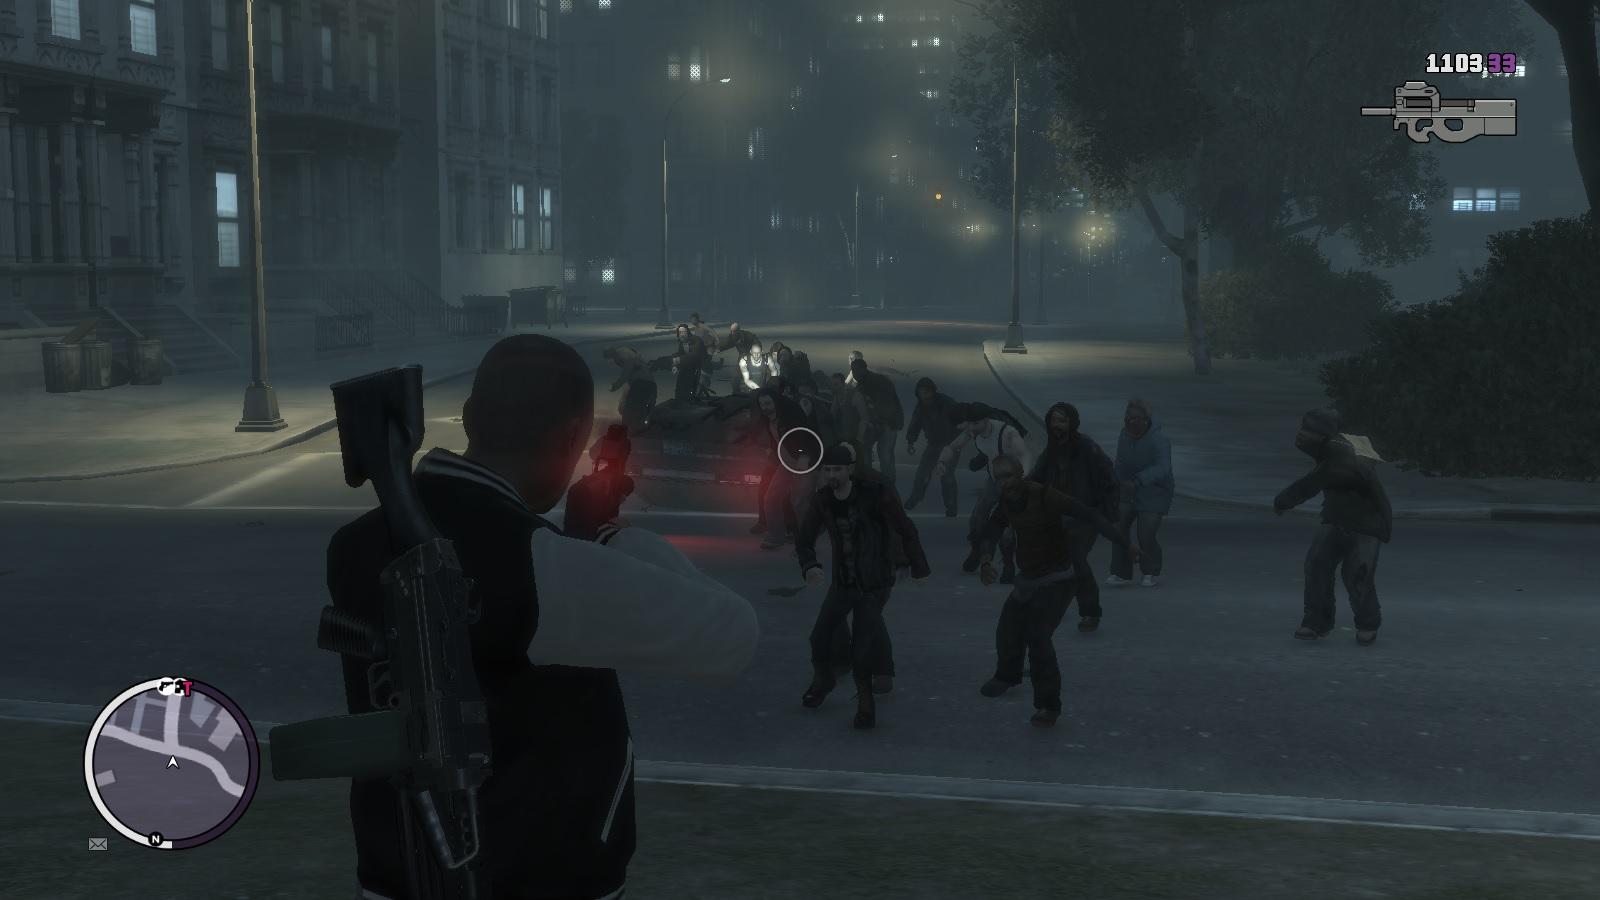 Гта 4 с модом на зомби скачать